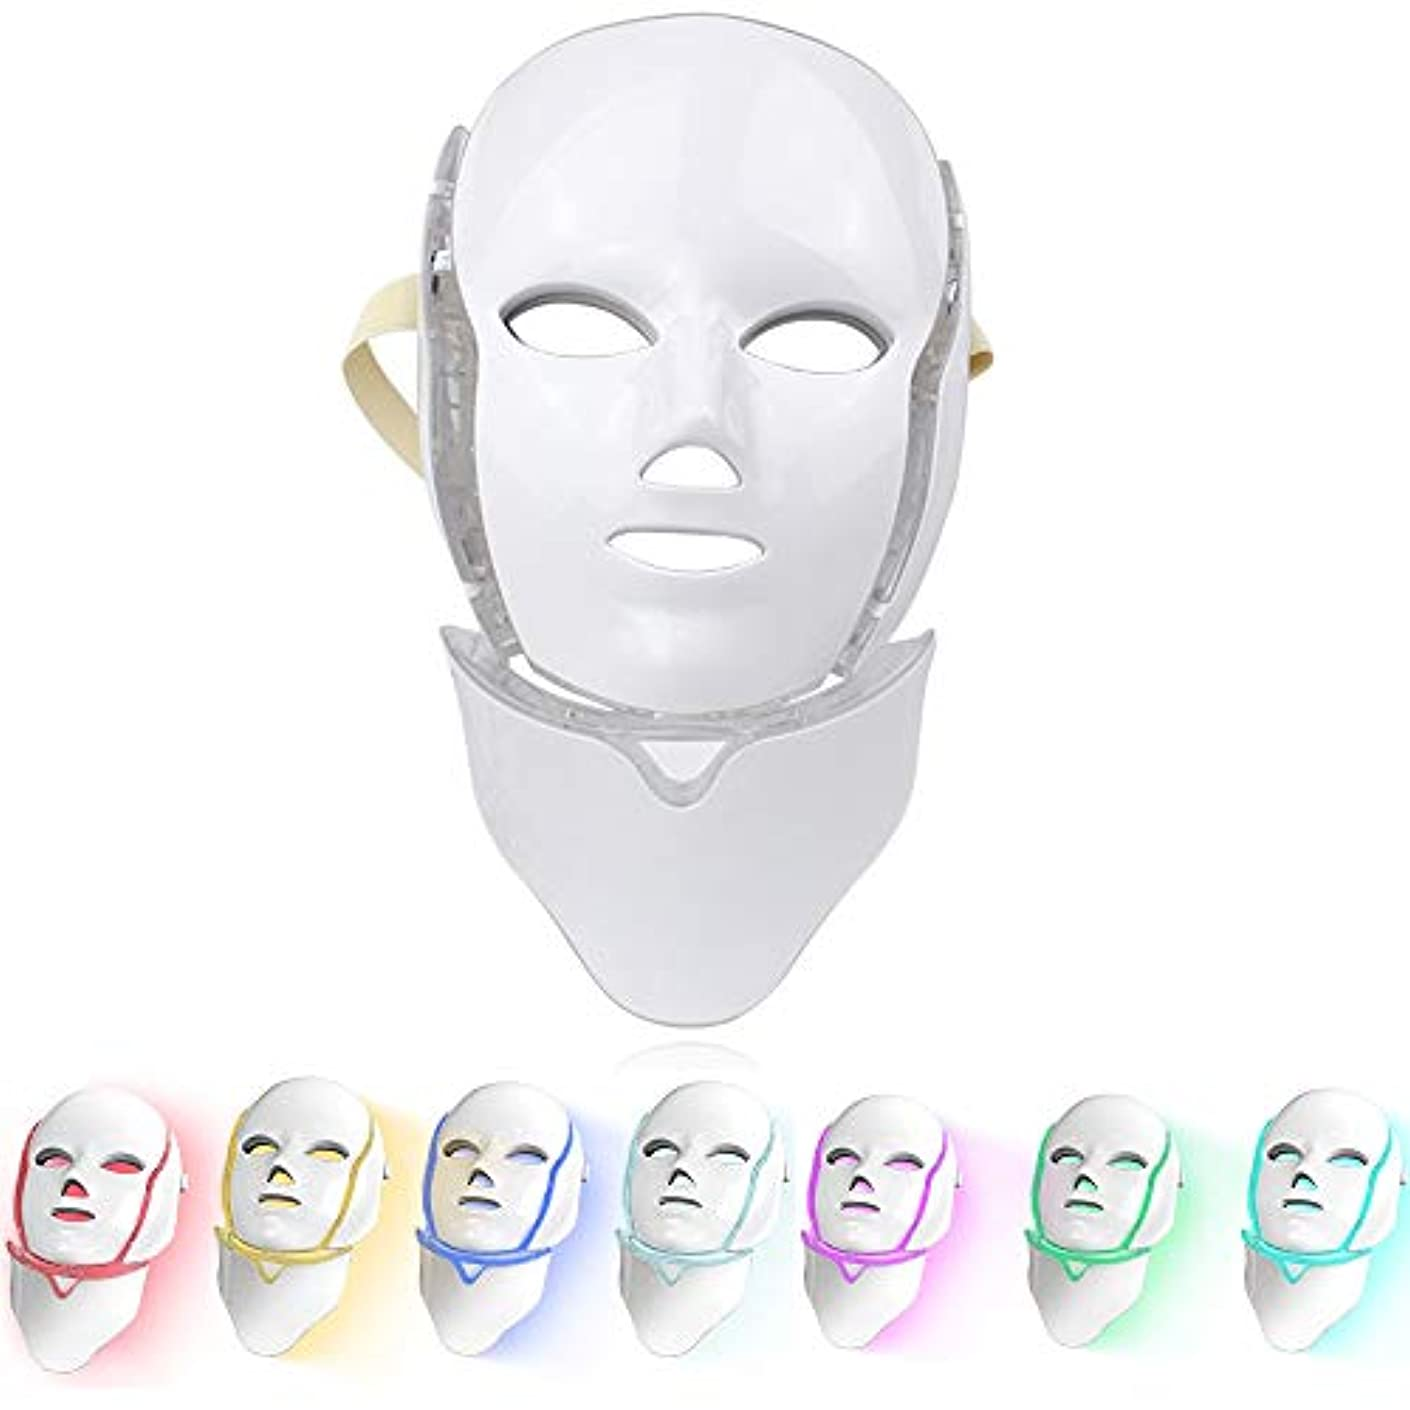 同化するスケッチ霧深い7色LED顔面美容スキンケアの若返りシワ除去女性のためのアンチエイジング電気デバイス